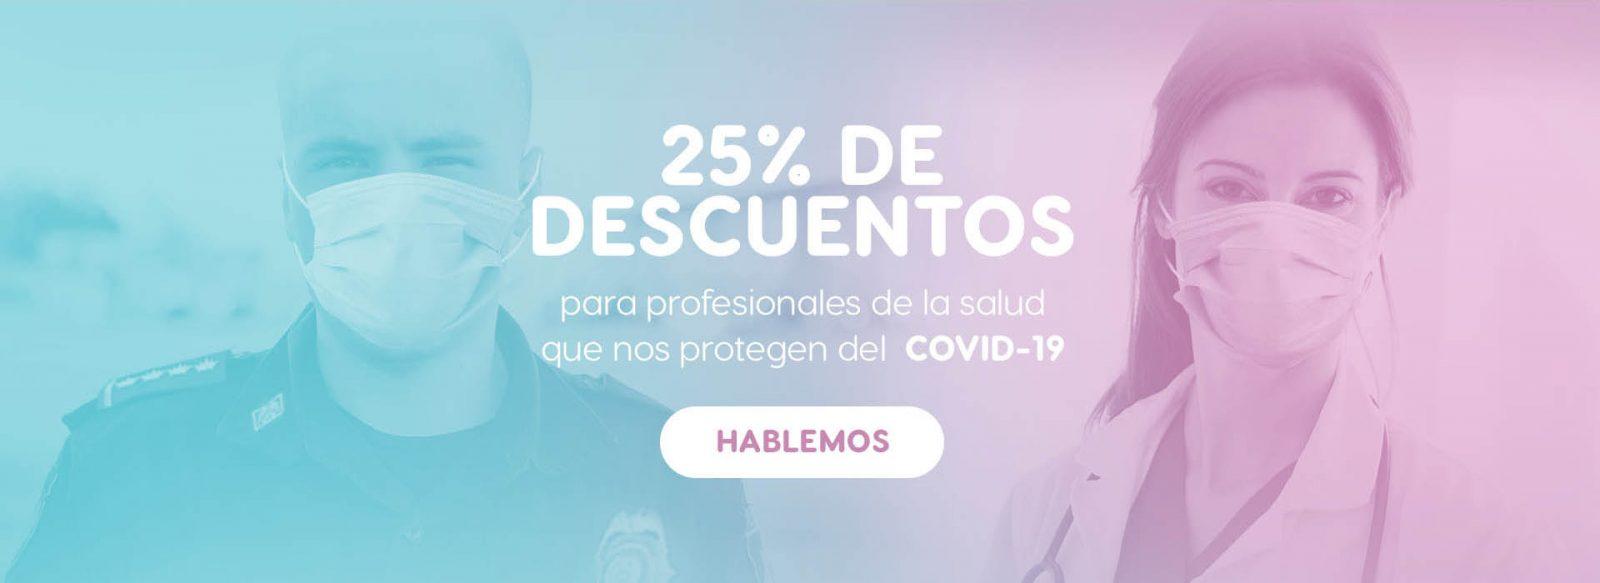 25% de descuentos